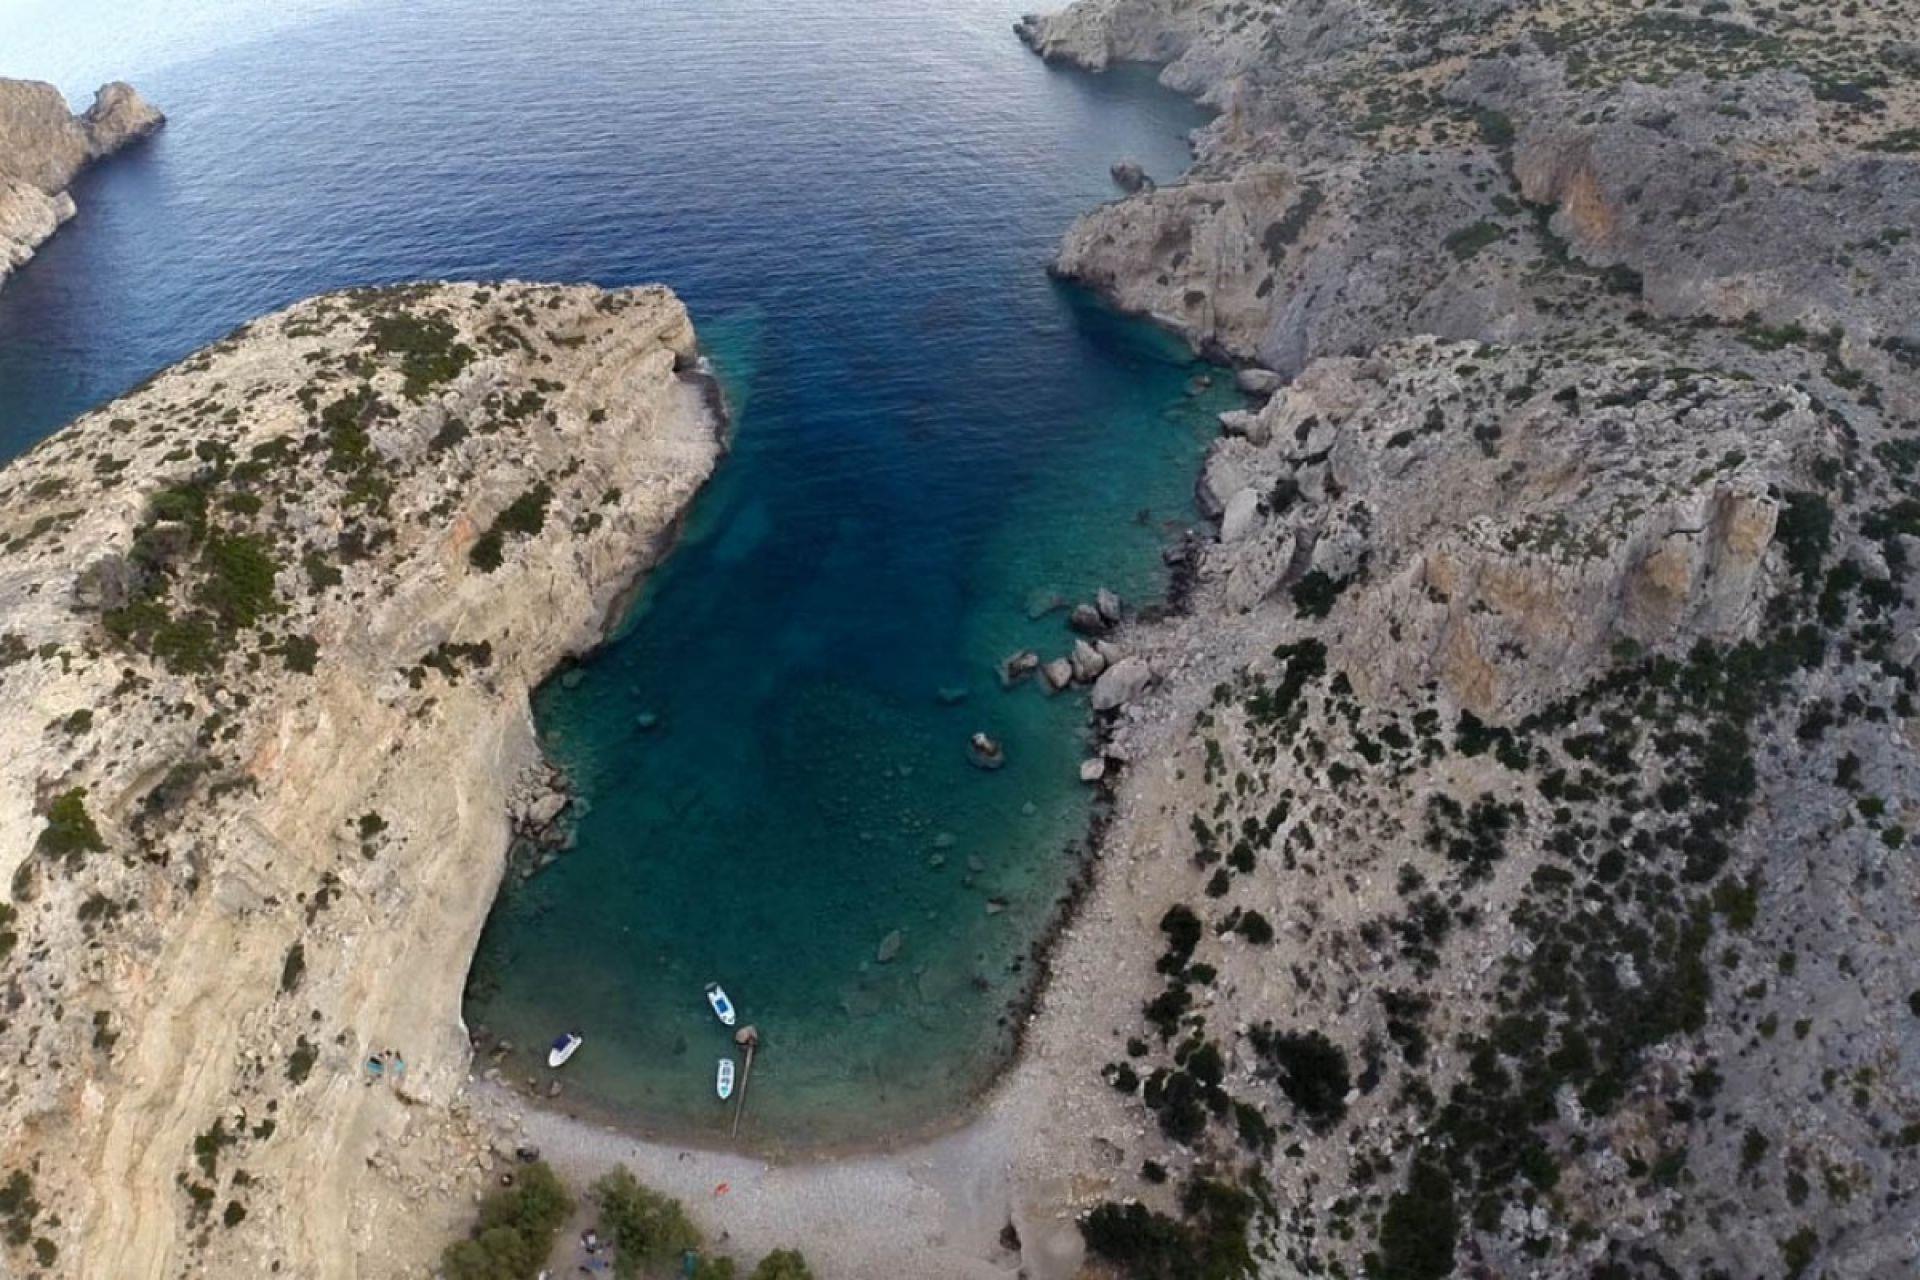 Μάρτσαλο, Παραλία στο Ηράκλειο Κρήτης